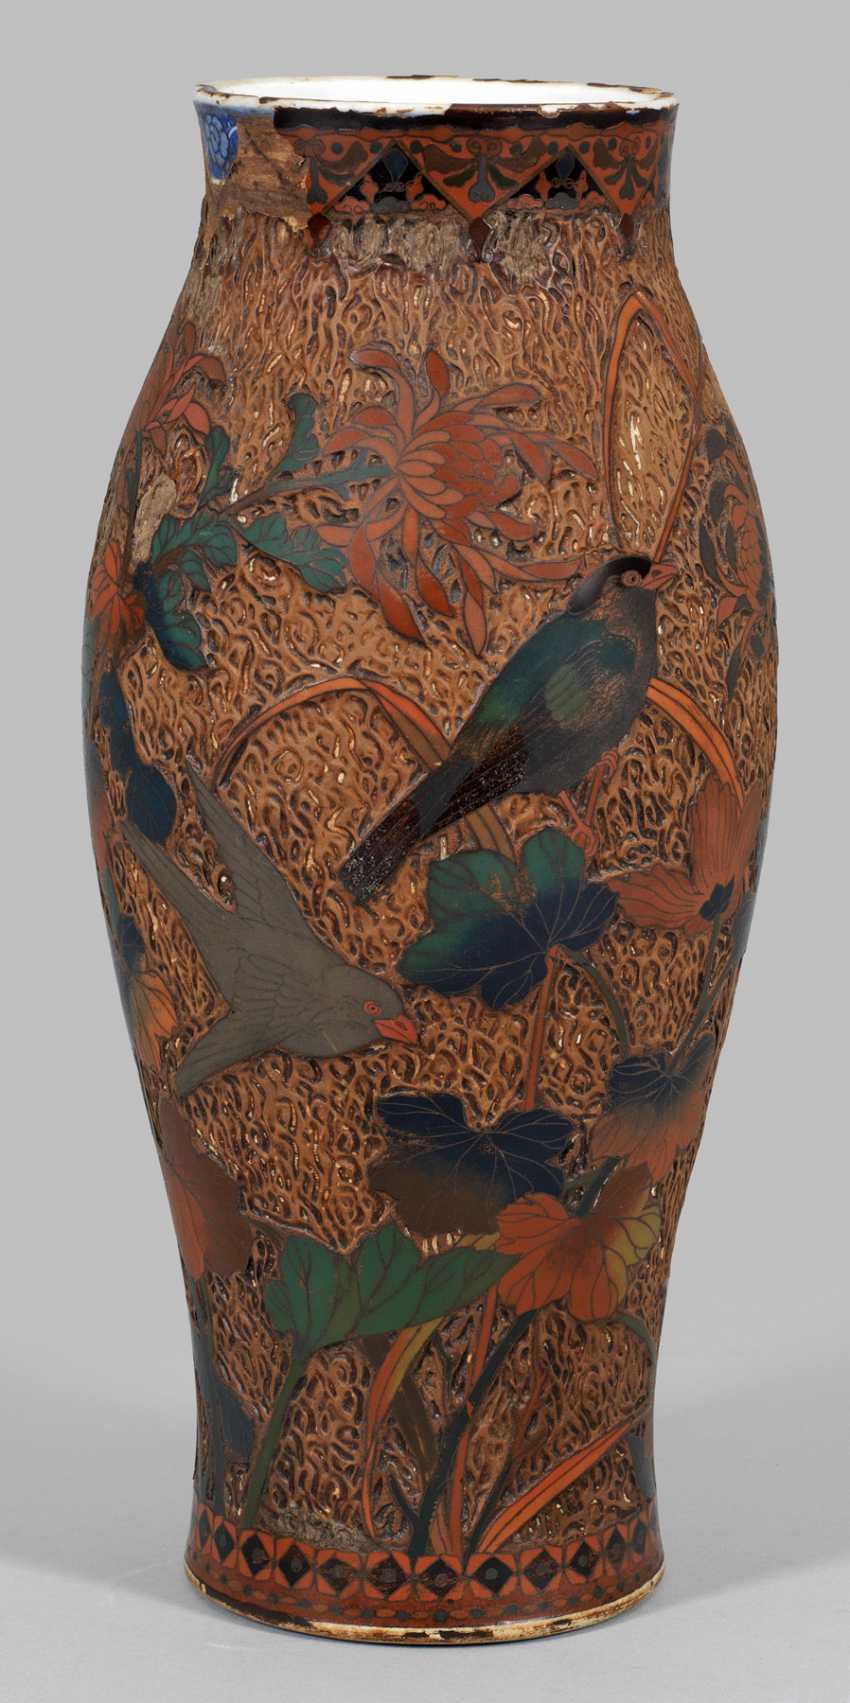 Japanese Cloisonnévase - photo 1